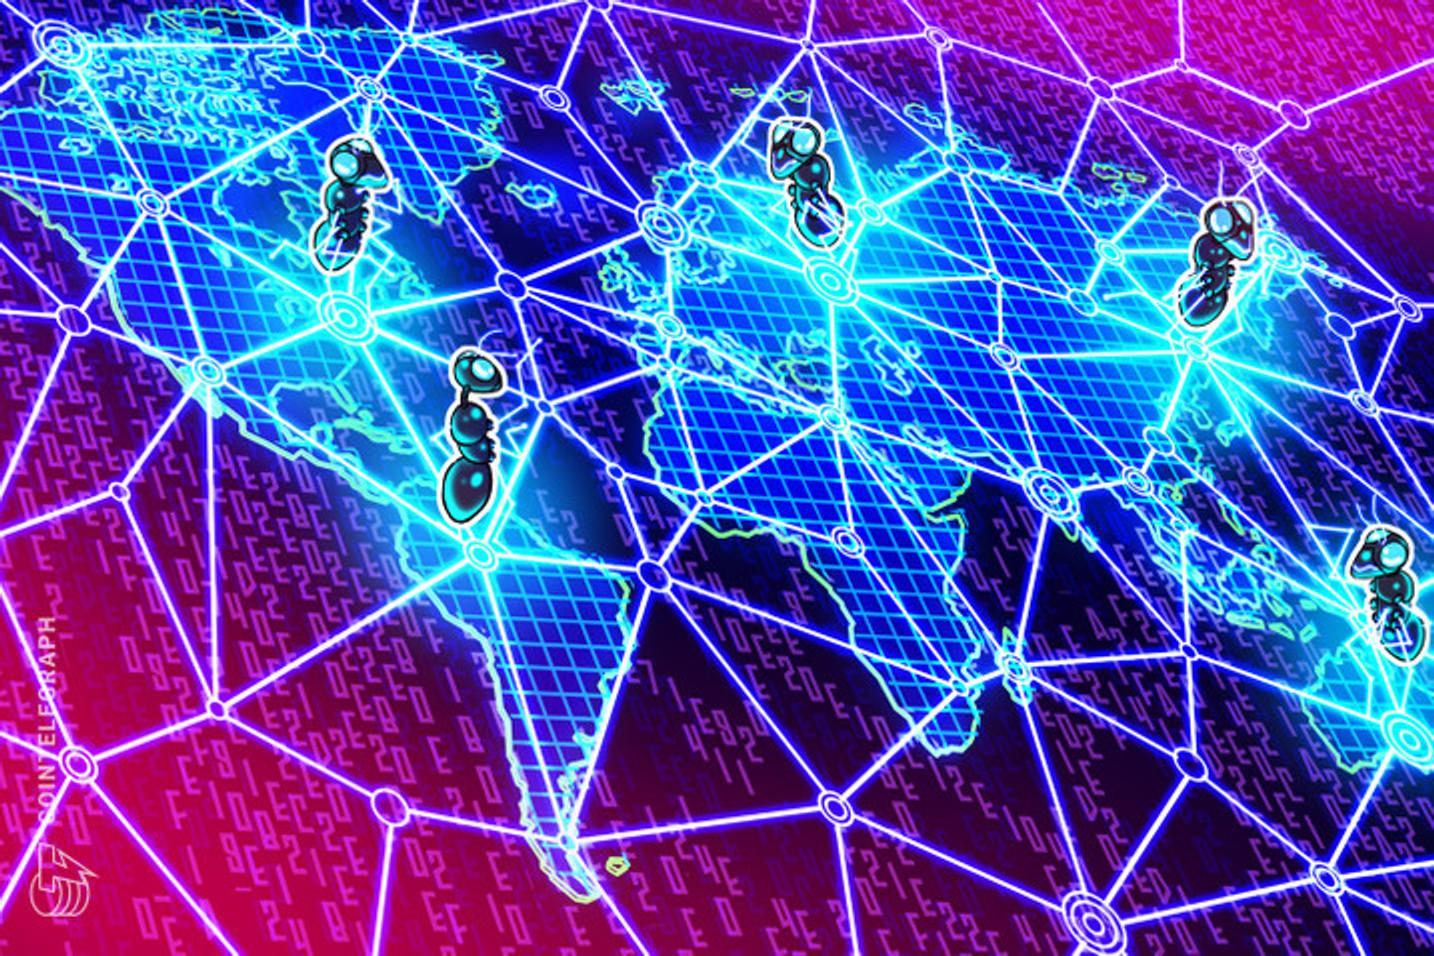 New York Digital Investment Group (NYDIG), mostra que a alta do Bitcoin sofreu mudança em seu perfil geográfico